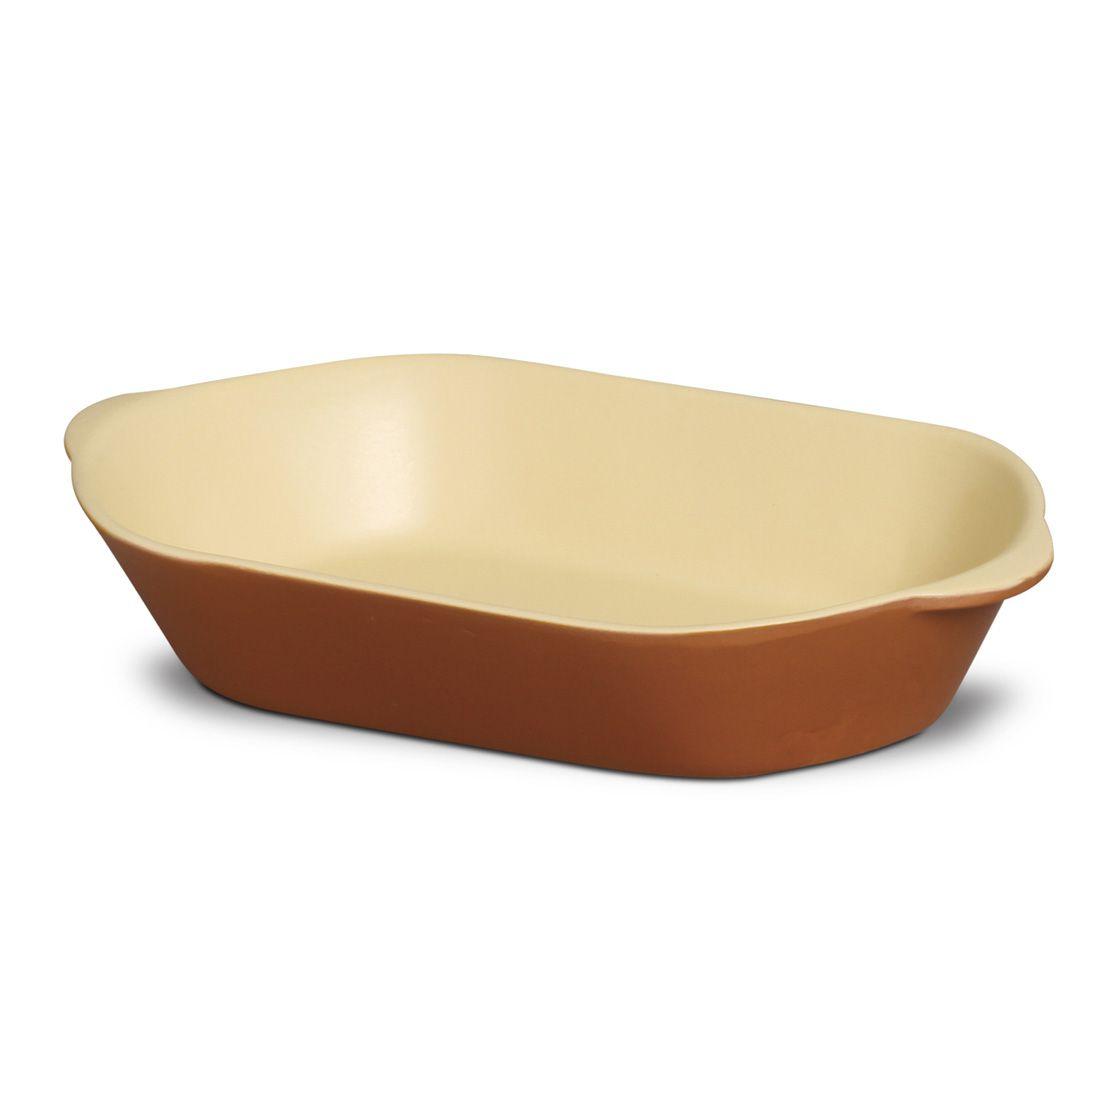 Forma Assadeira 330Ml para Micro-Ondas, Forno Convencional e Elétrico de Cerâmica Oval Marrom